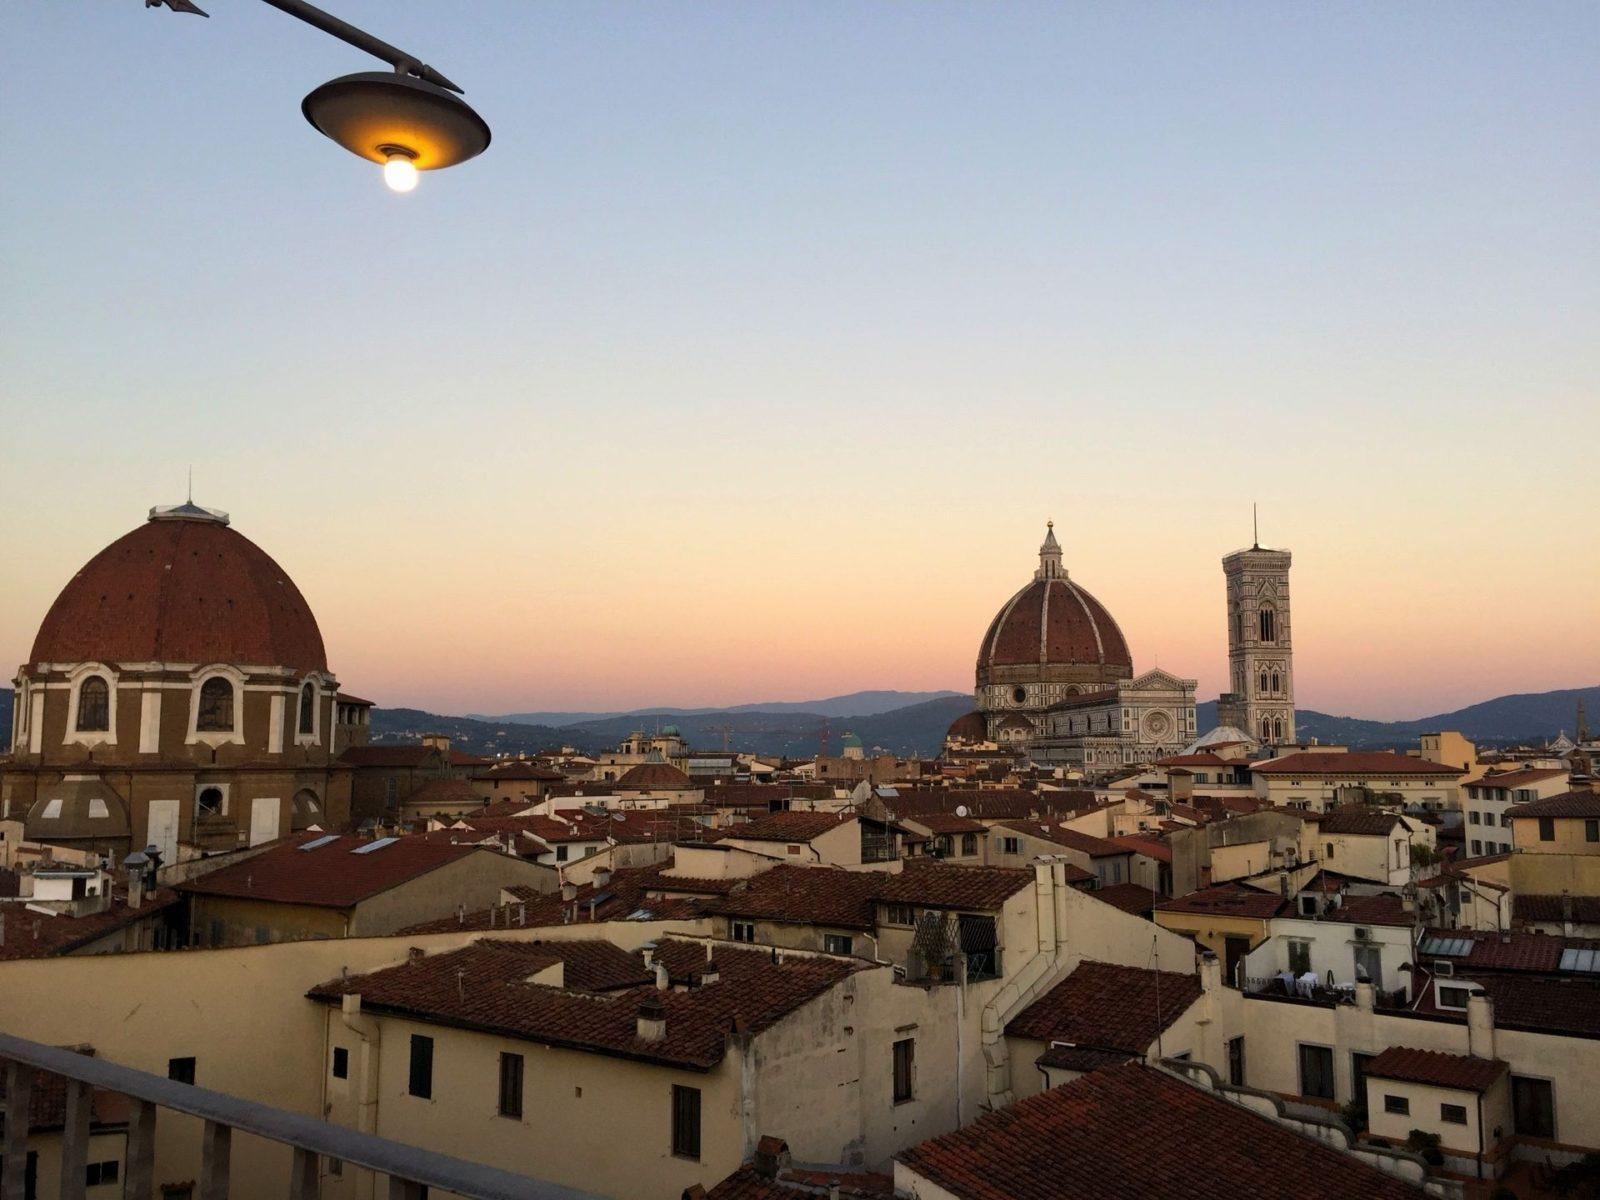 Leonardo_Innocenti_tetti rossi_Firenze_bed_and_breakfast_a_casa_di_virgilio_firenze